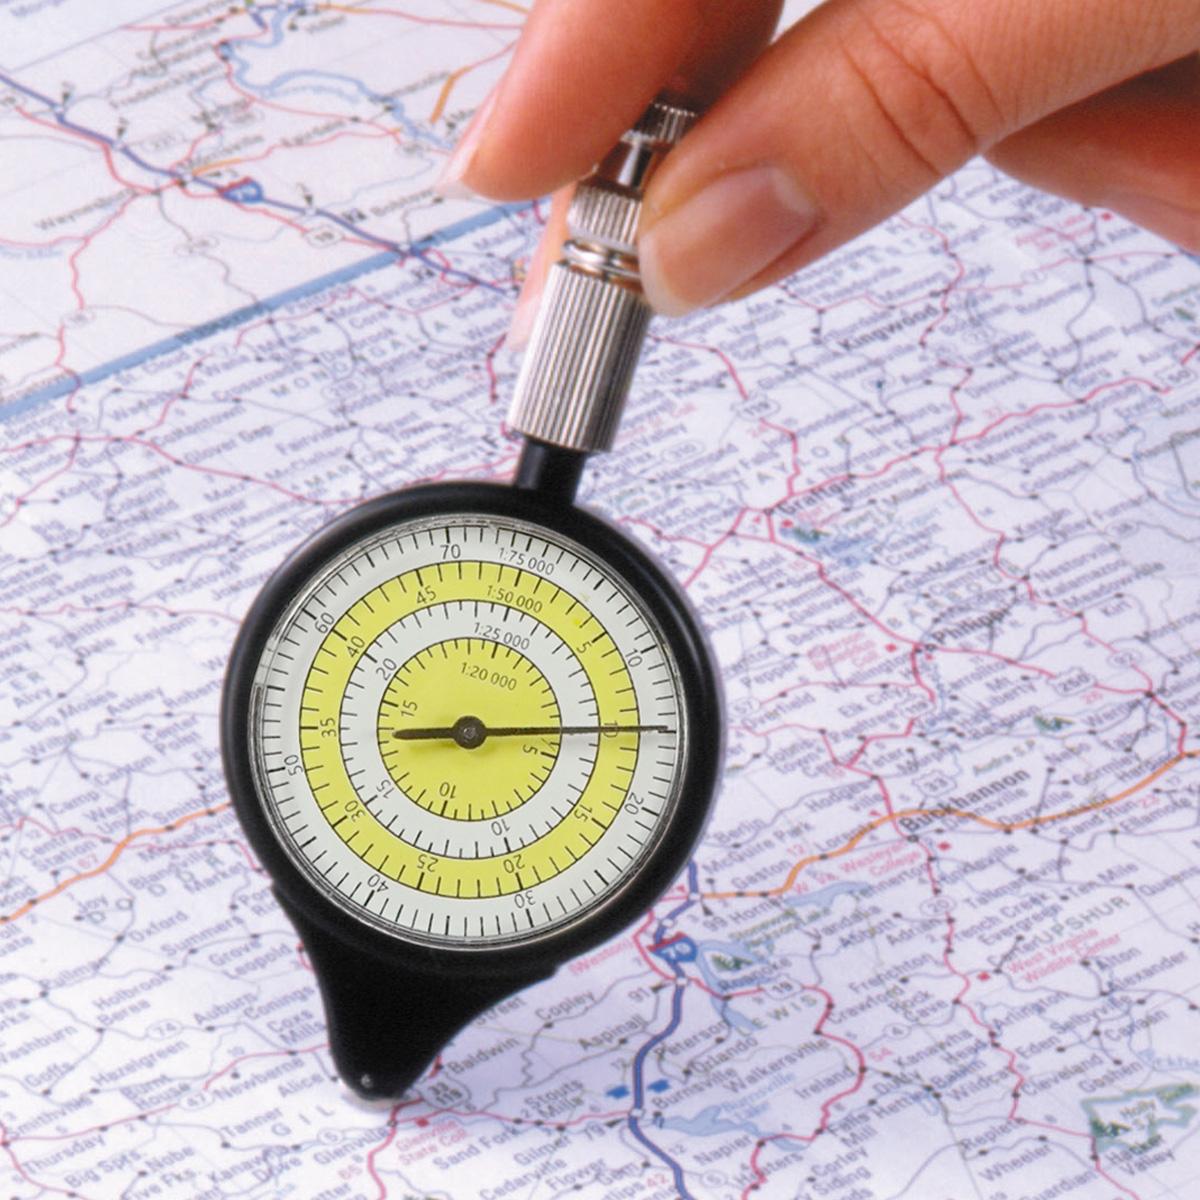 マップメジャー MM-1 キルビメーター 地図の距離計測 アナログ シンプル 小型